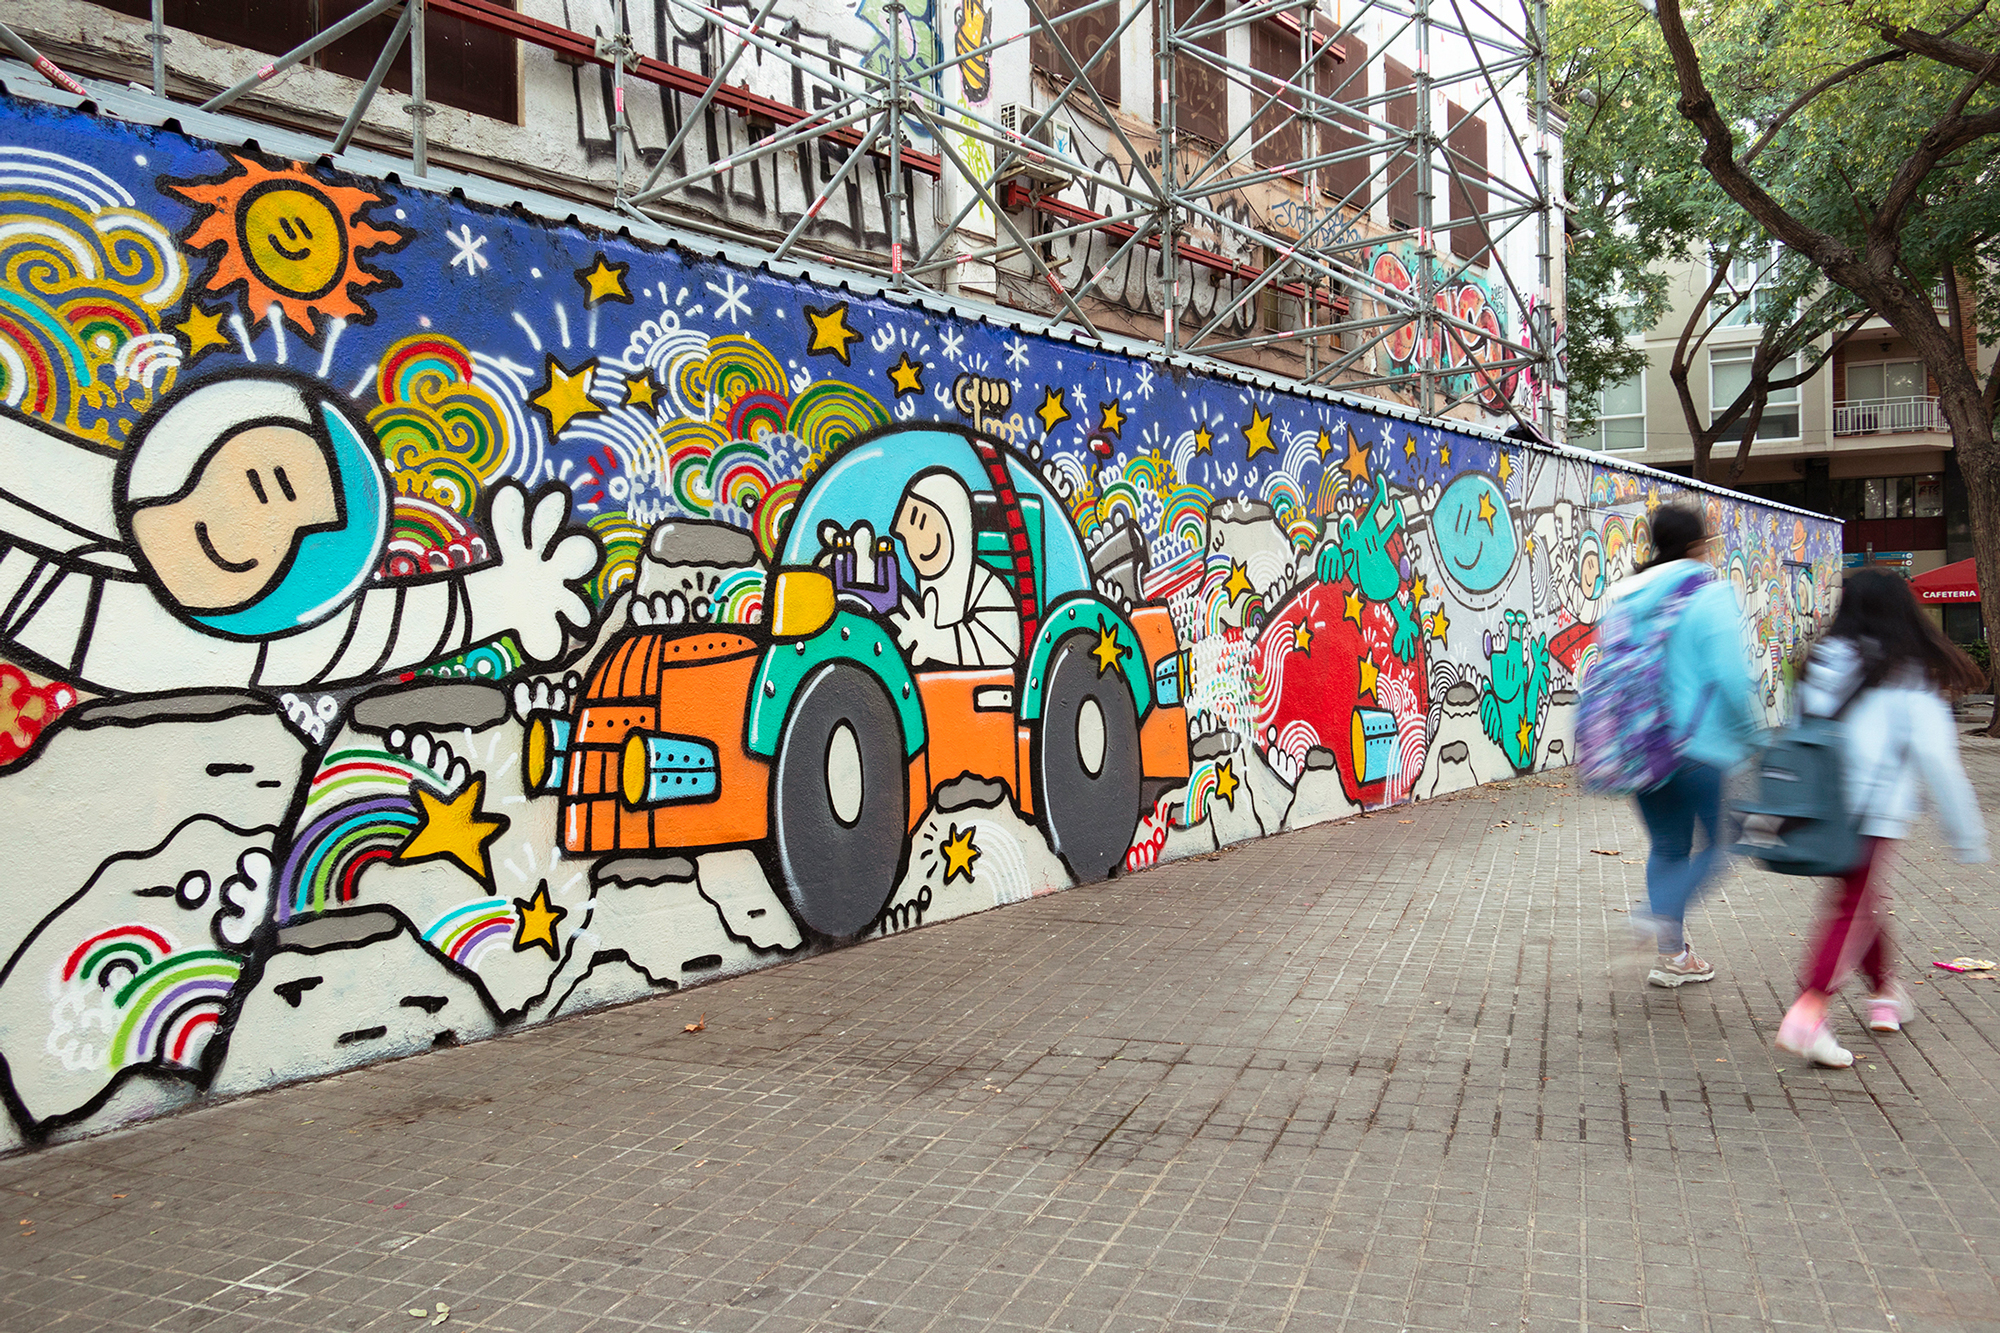 Arte urbano de Kamil Escruela & Nami